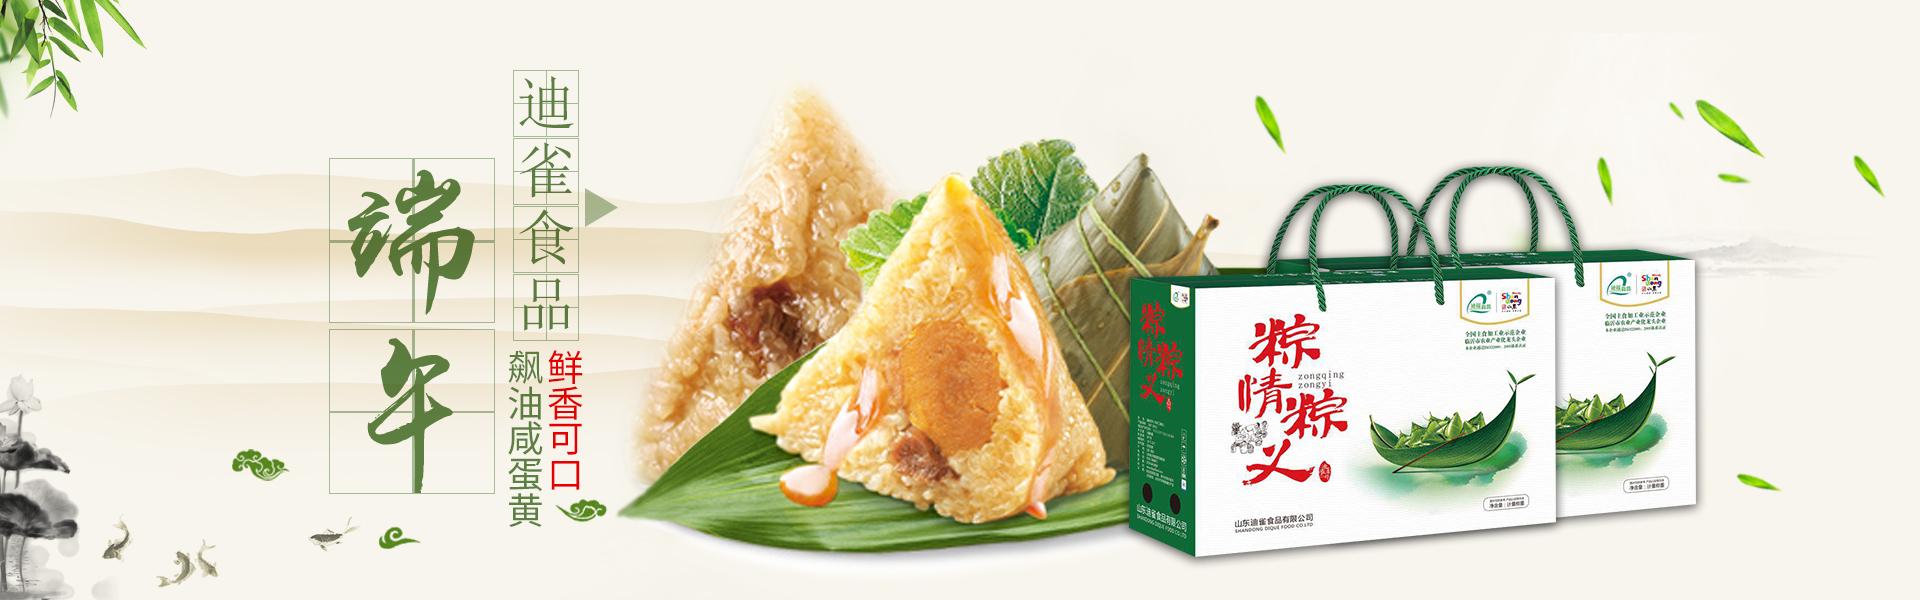 猫先生饺子厂家,猫先生馄饨批发,山东粽子生产厂家,猫先生手工馒头厂家,山东迪雀食品有限公司